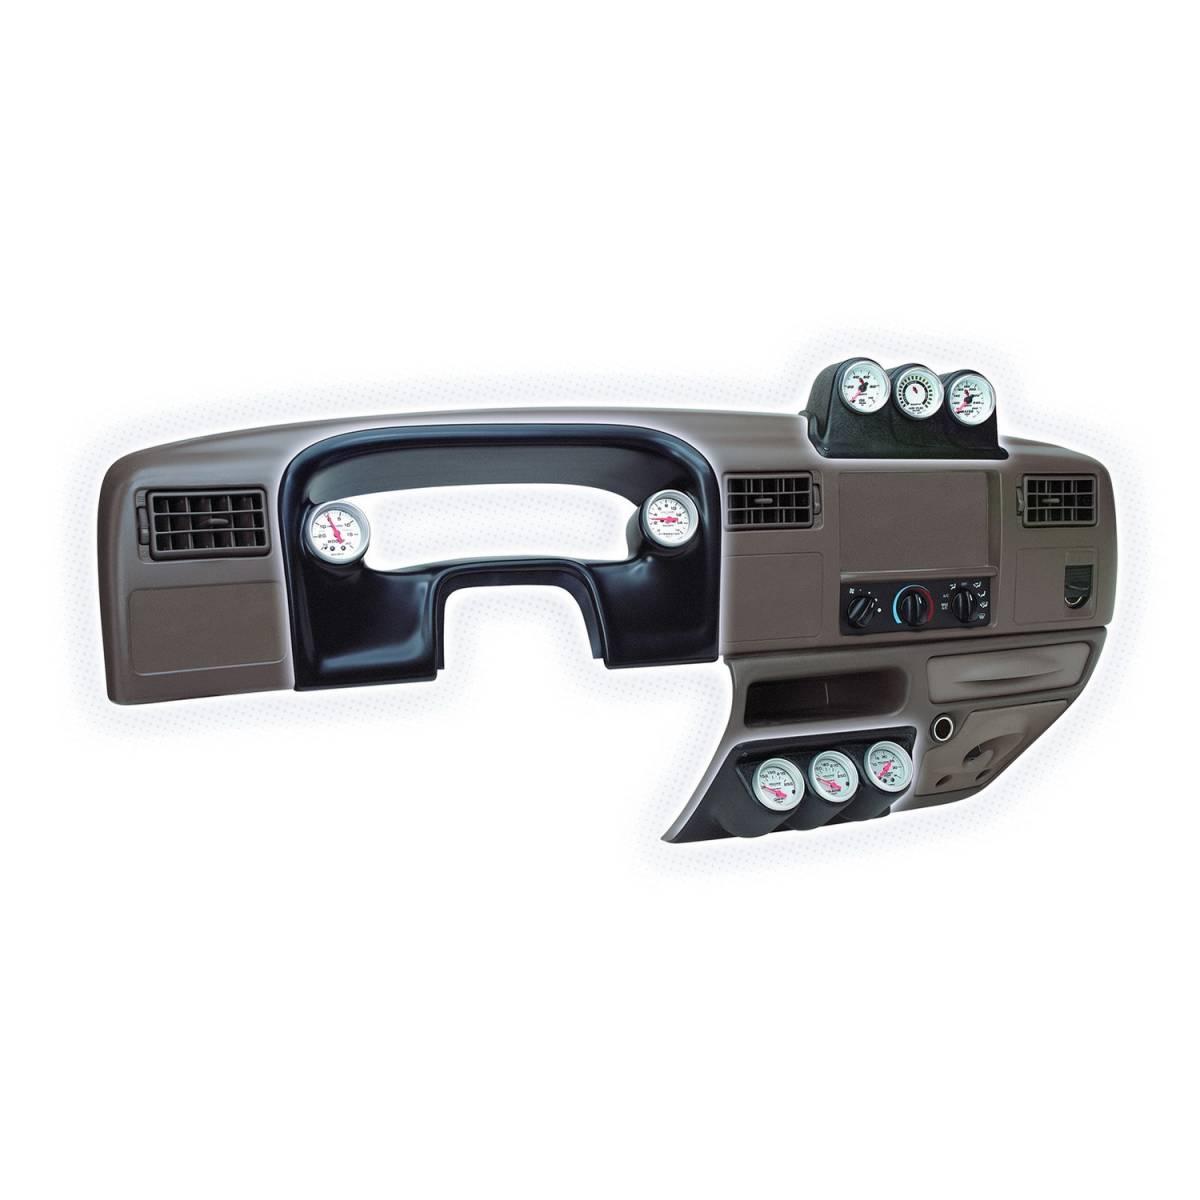 Autometer  15016 Gauge Mount  Dash Top  Triple  2 1  16in